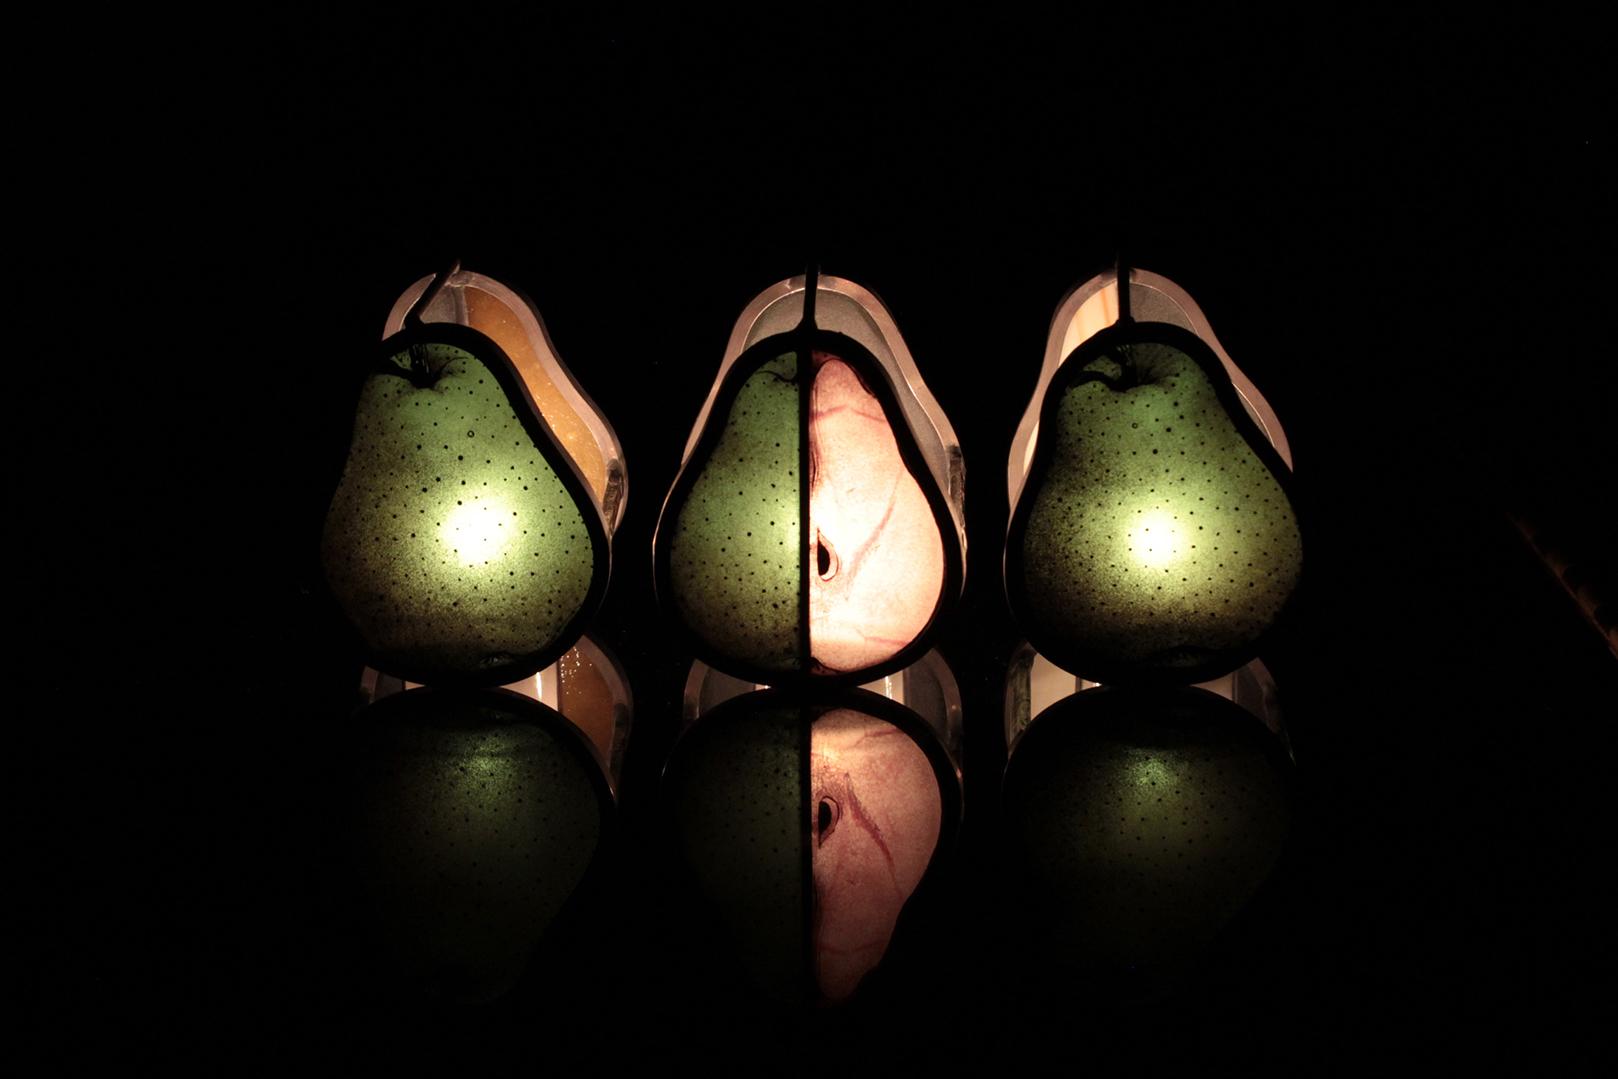 洋梨の形をした3つの小品 02